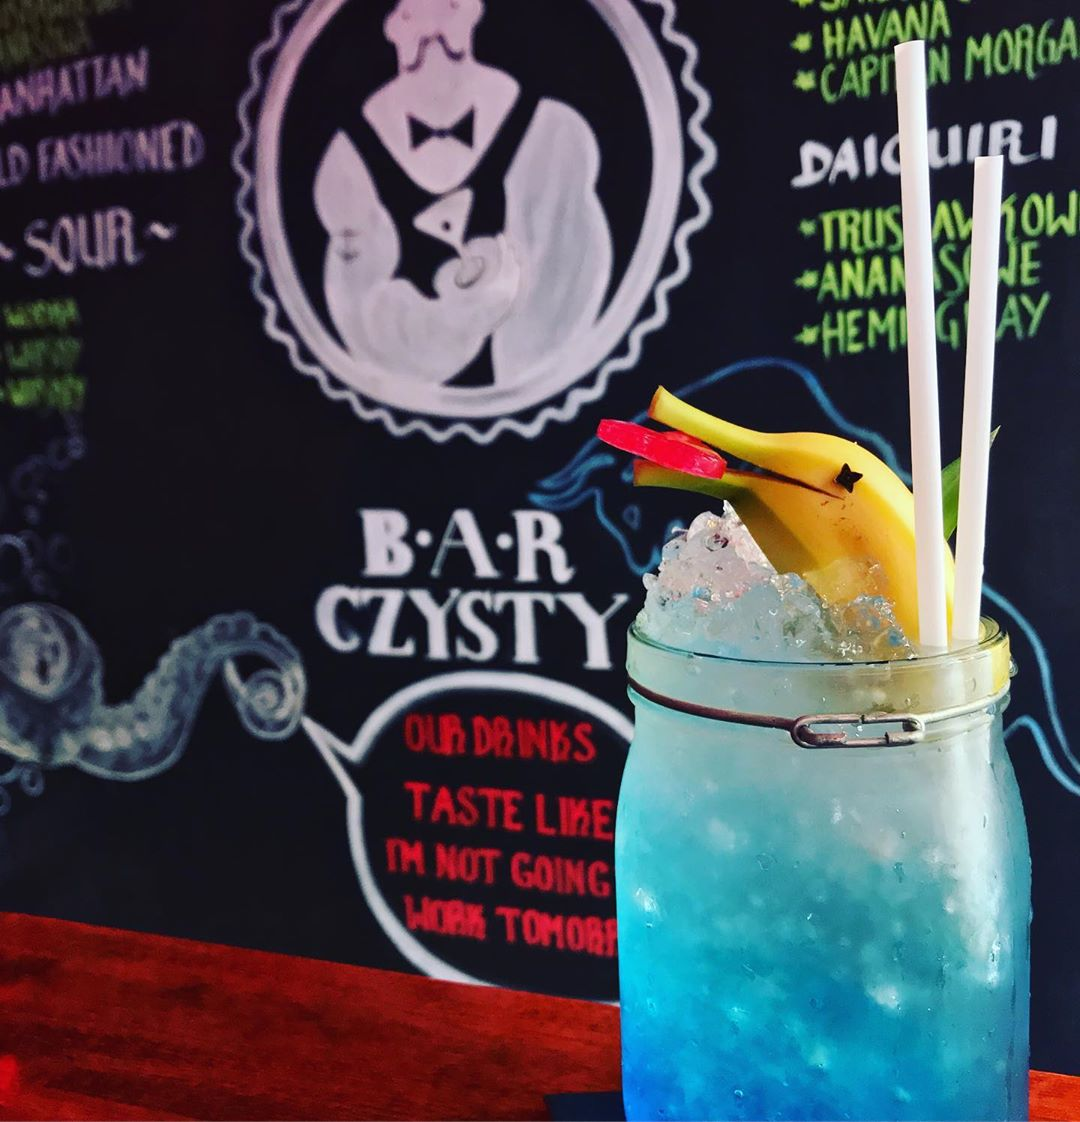 bar czysty 2